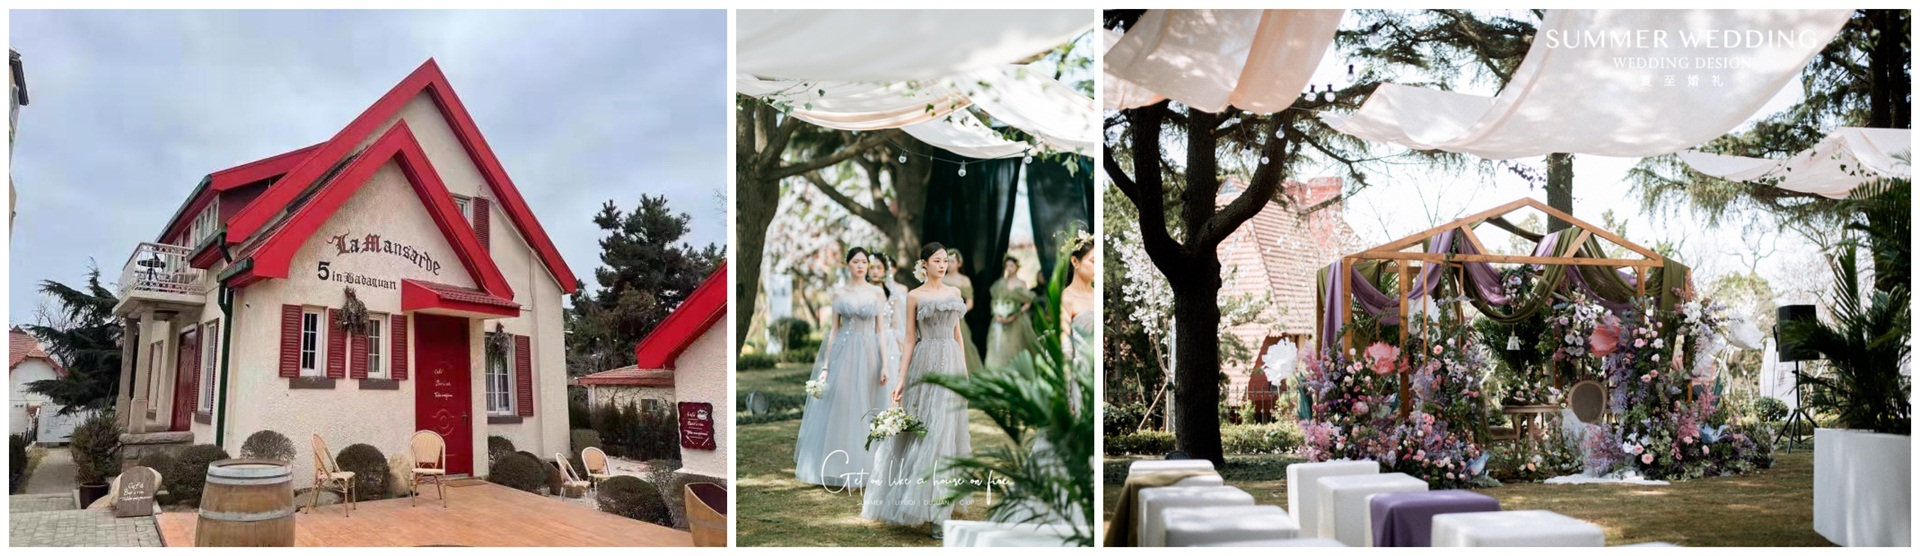 Shinan offers romantic courtyard weddings in Taipingjiao